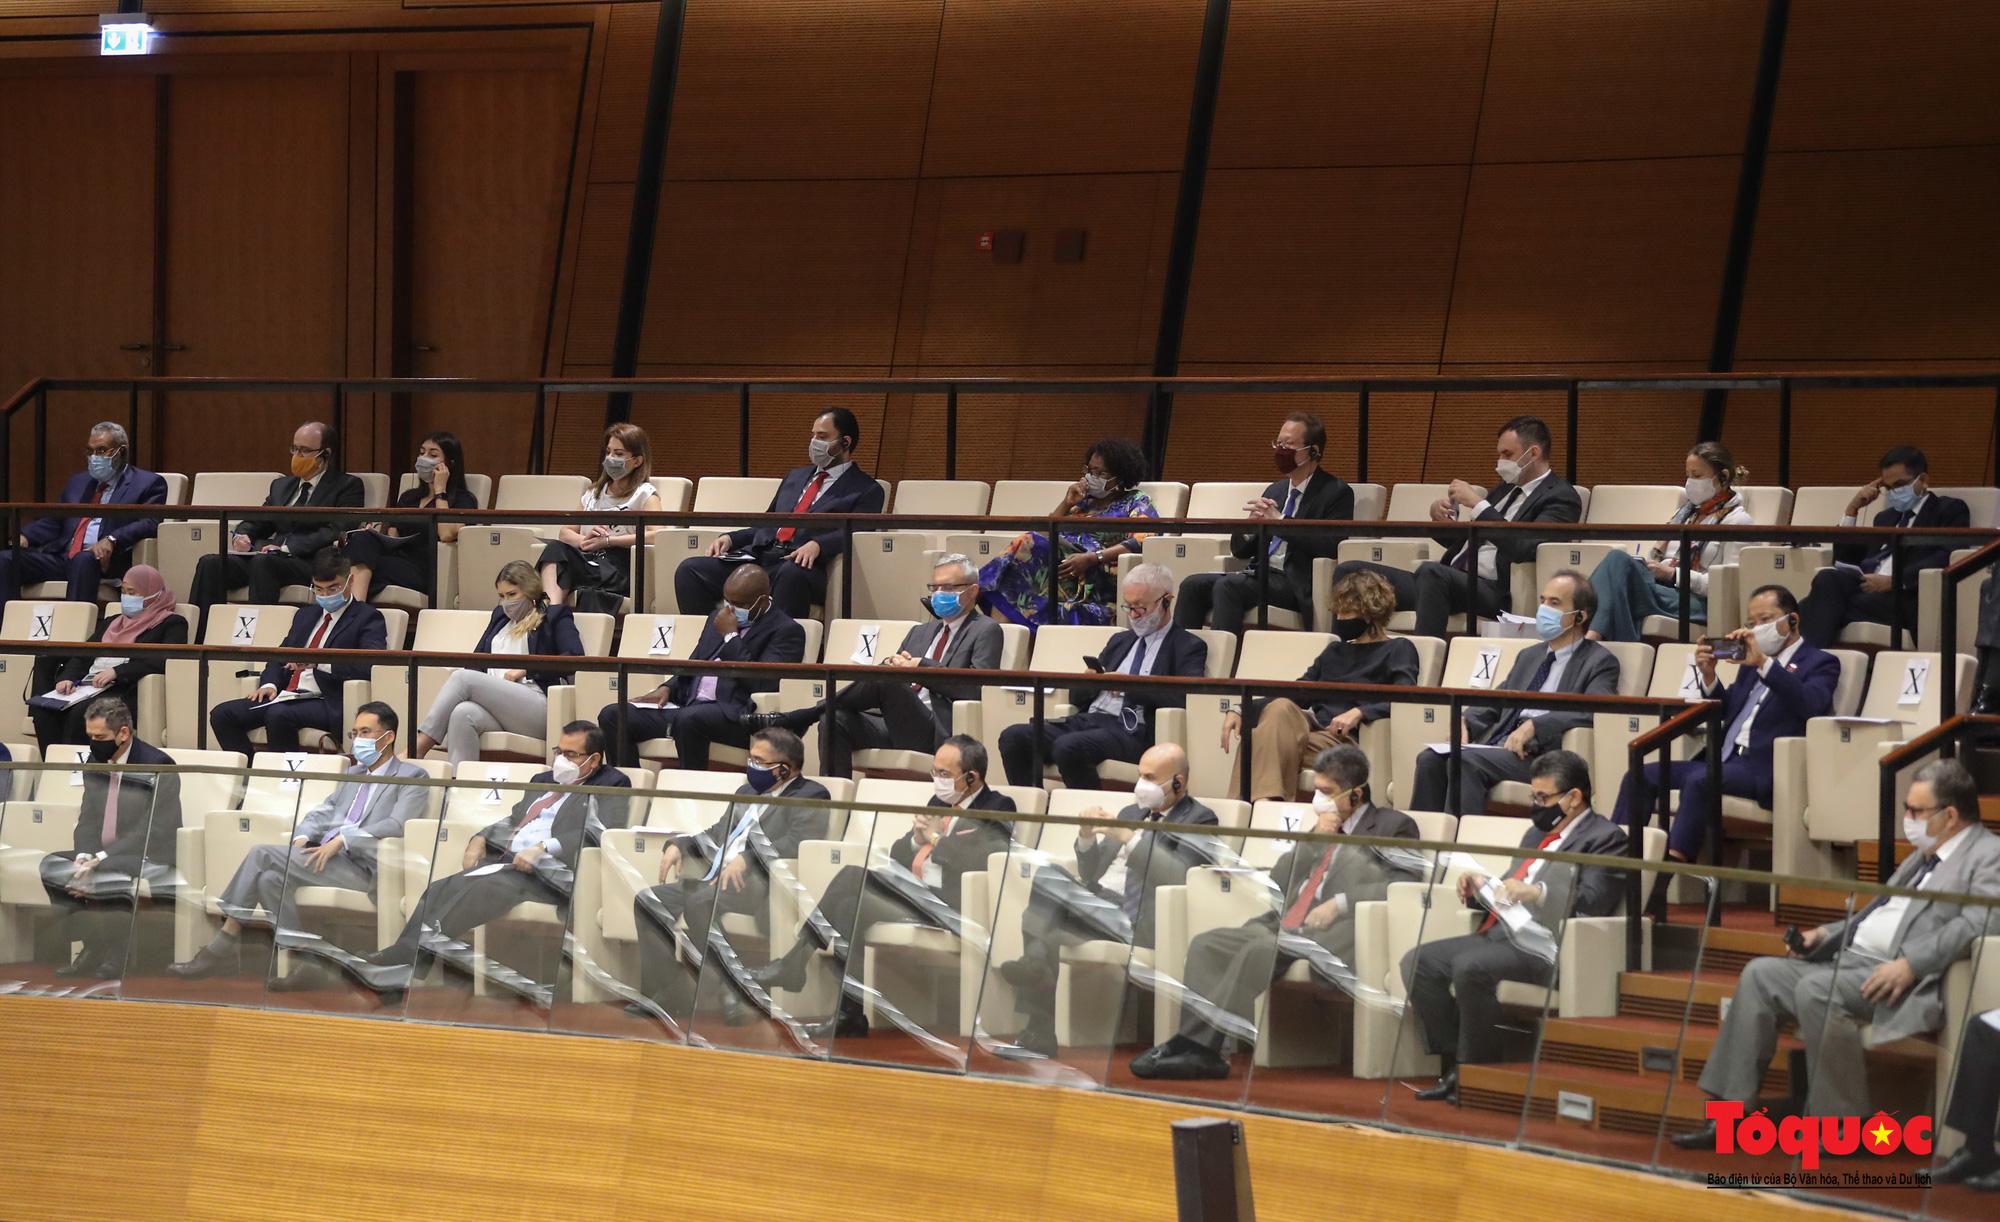 Chùm ảnh: Khai mạc trọng thể Kỳ họp thứ nhất, Quốc hội khóa XV - Ảnh 5.